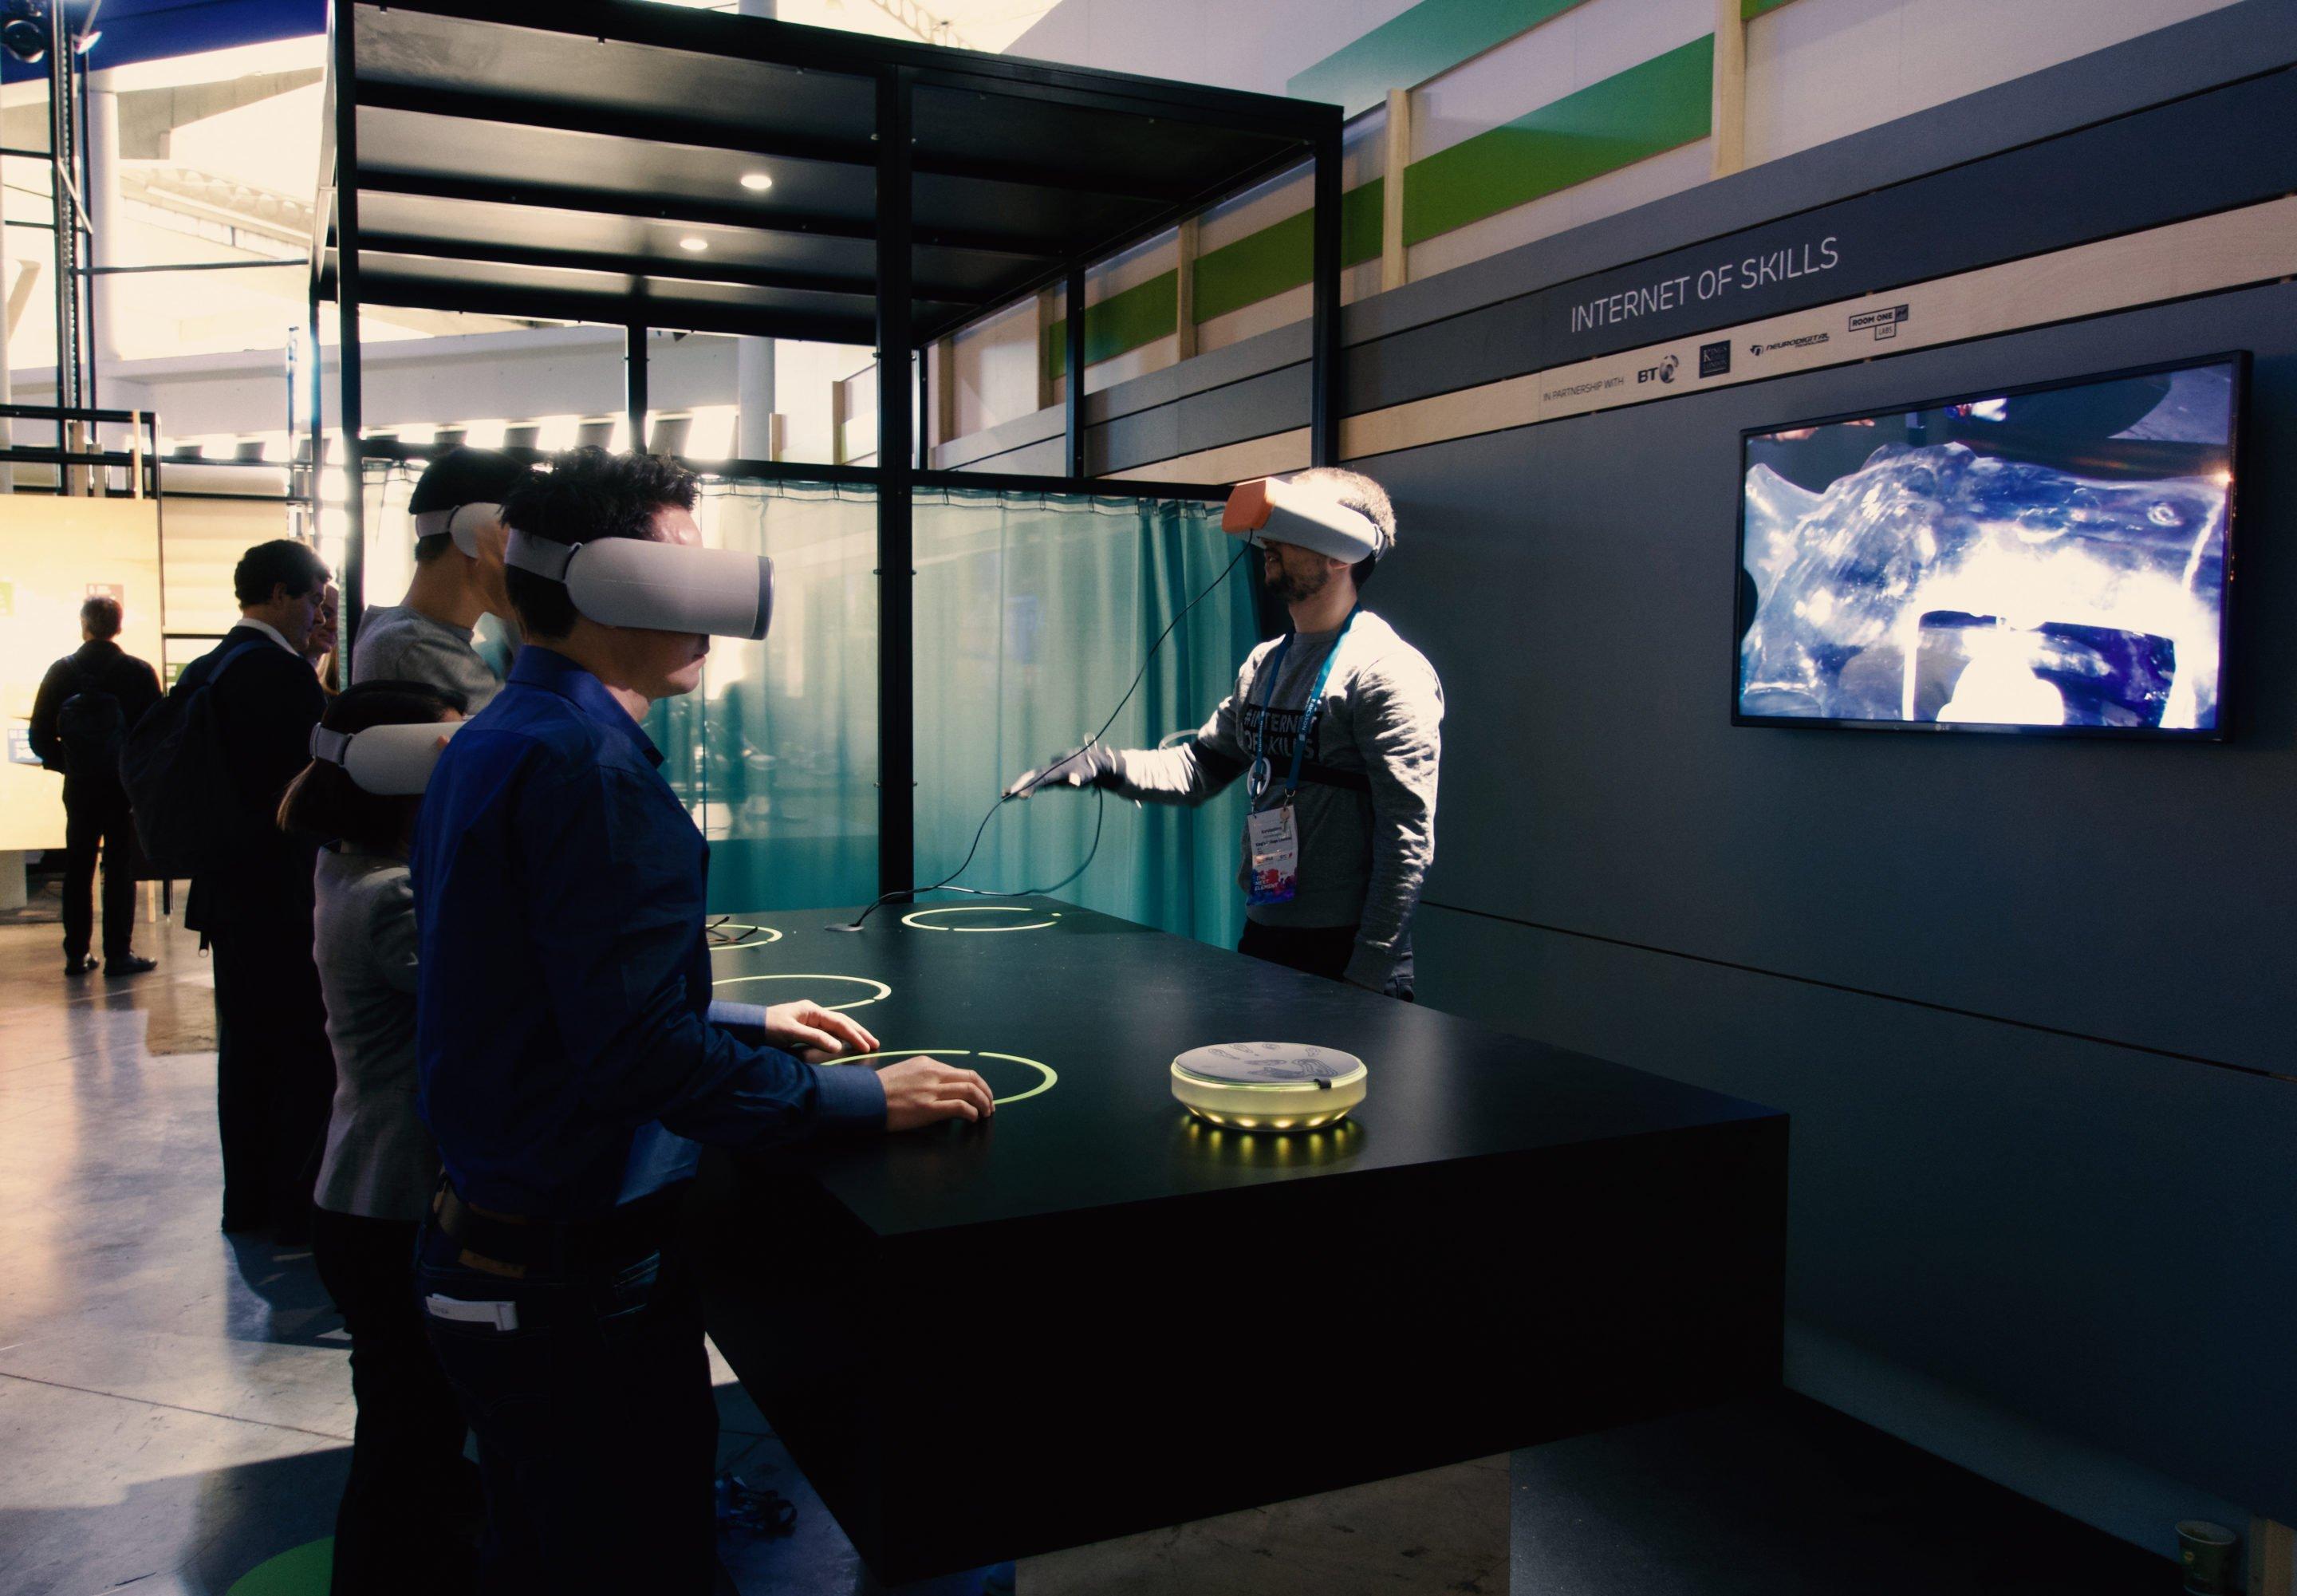 Ärzte könnte mittels VR-Brille und haptischer Handschuhe Patienten aus der Ferne operieren, während Studenten in der Virtual Reality zusehen.